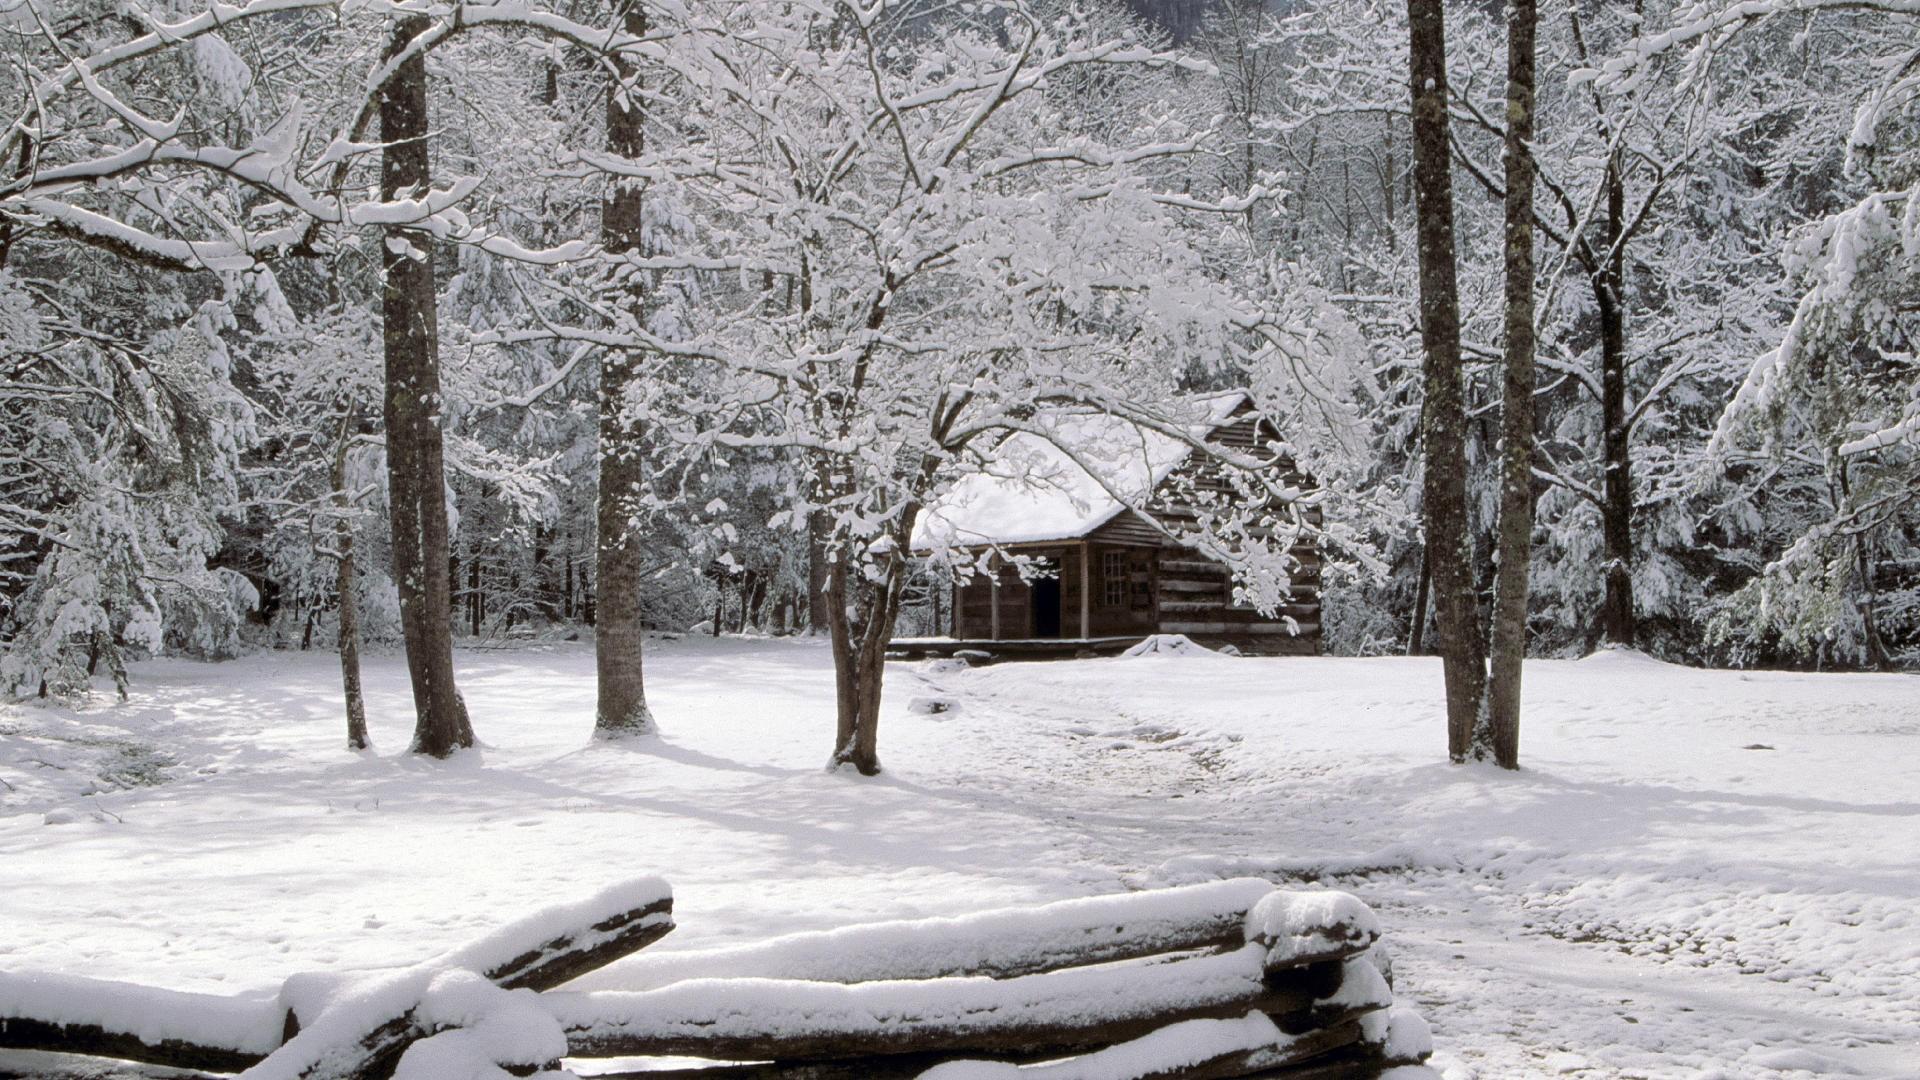 Desktop Wallpaper Winter Cabin in Woods 1920x1080